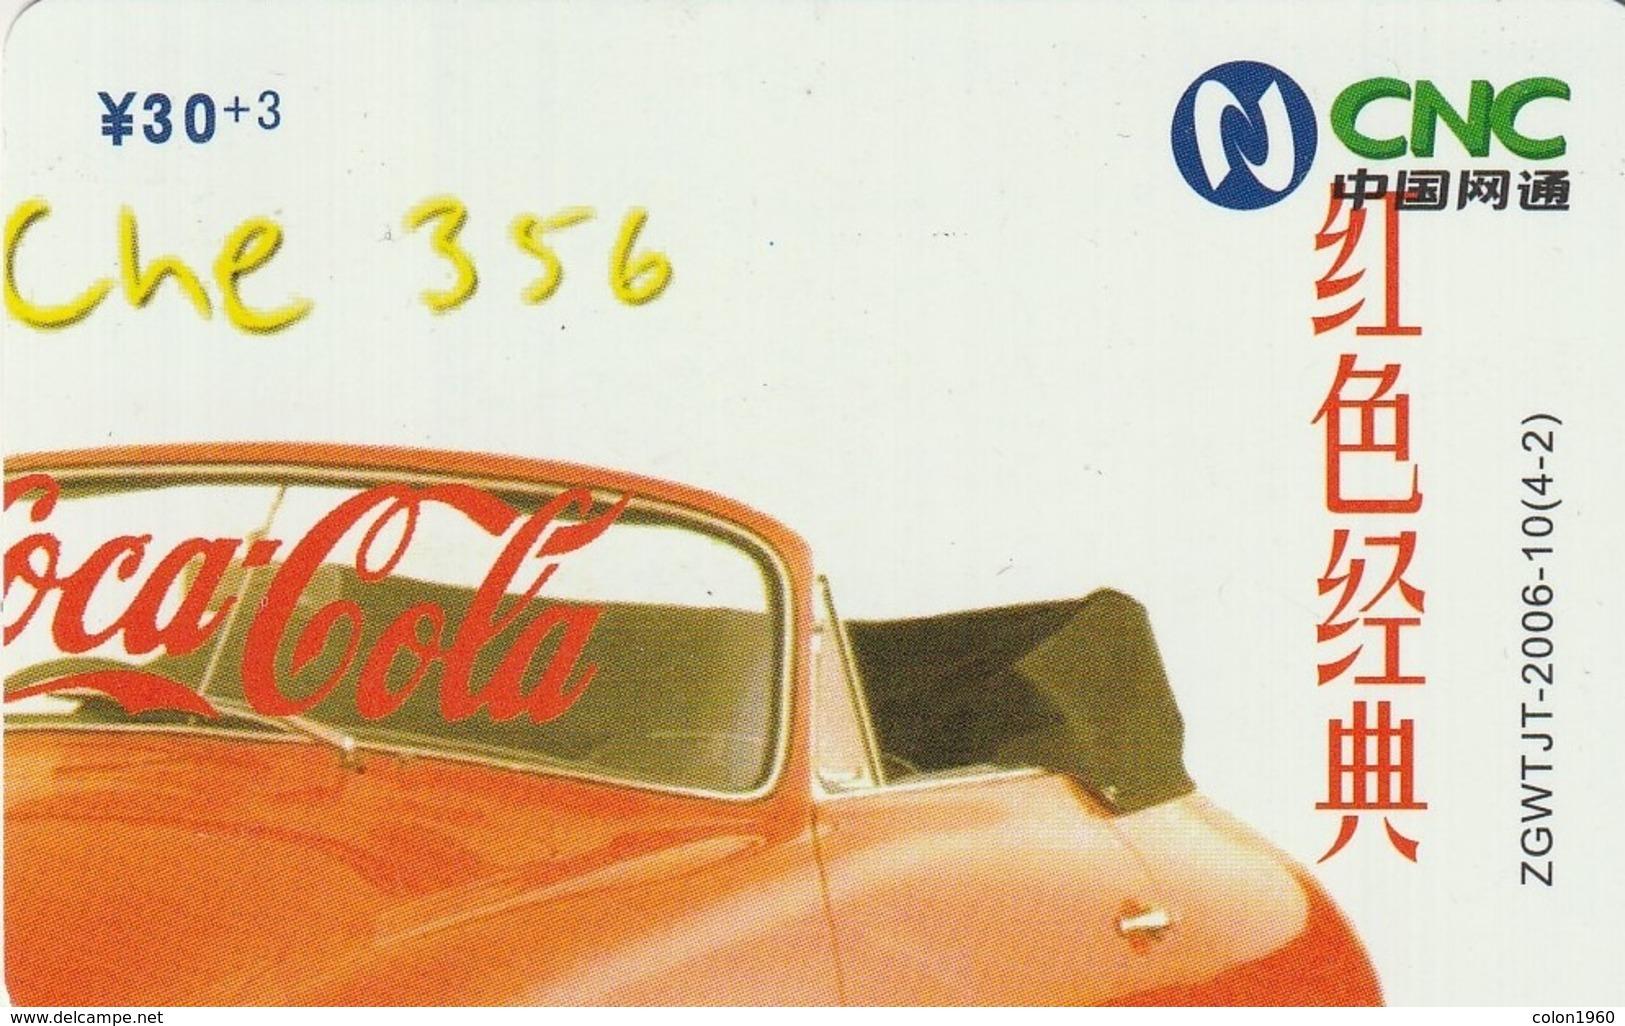 CHINA. COCA COLA. COCHE, PORSCHE 356. ZGWTJT-2006-10(4-2). (186). - Puzzles